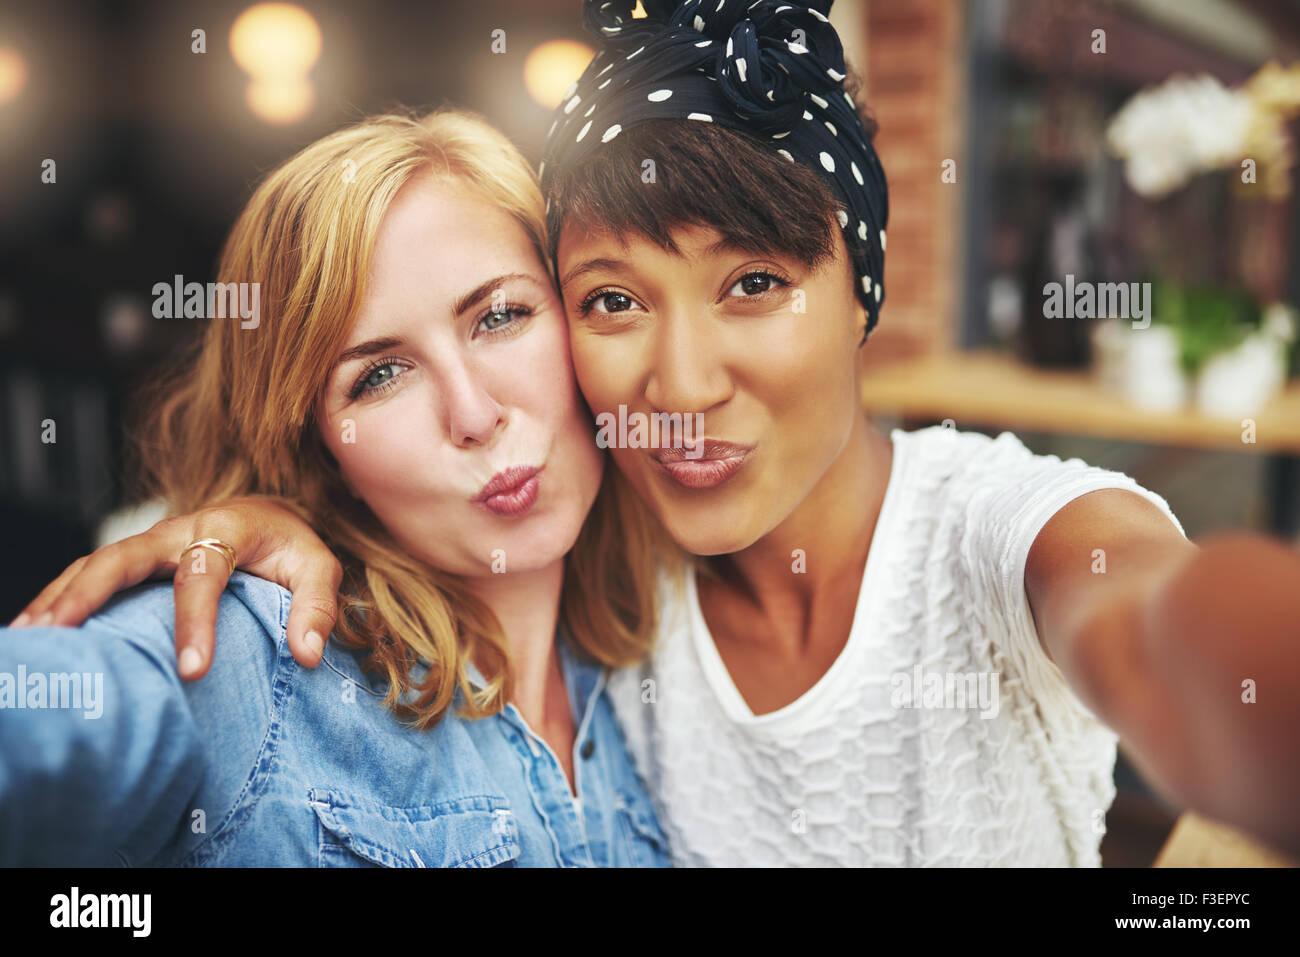 Due attraenti giocoso delle giovani donne in piedi a braccetto soffia un bacio alla telecamera il raggrinzimento fino le labbra con un eccitante sorriso Foto Stock